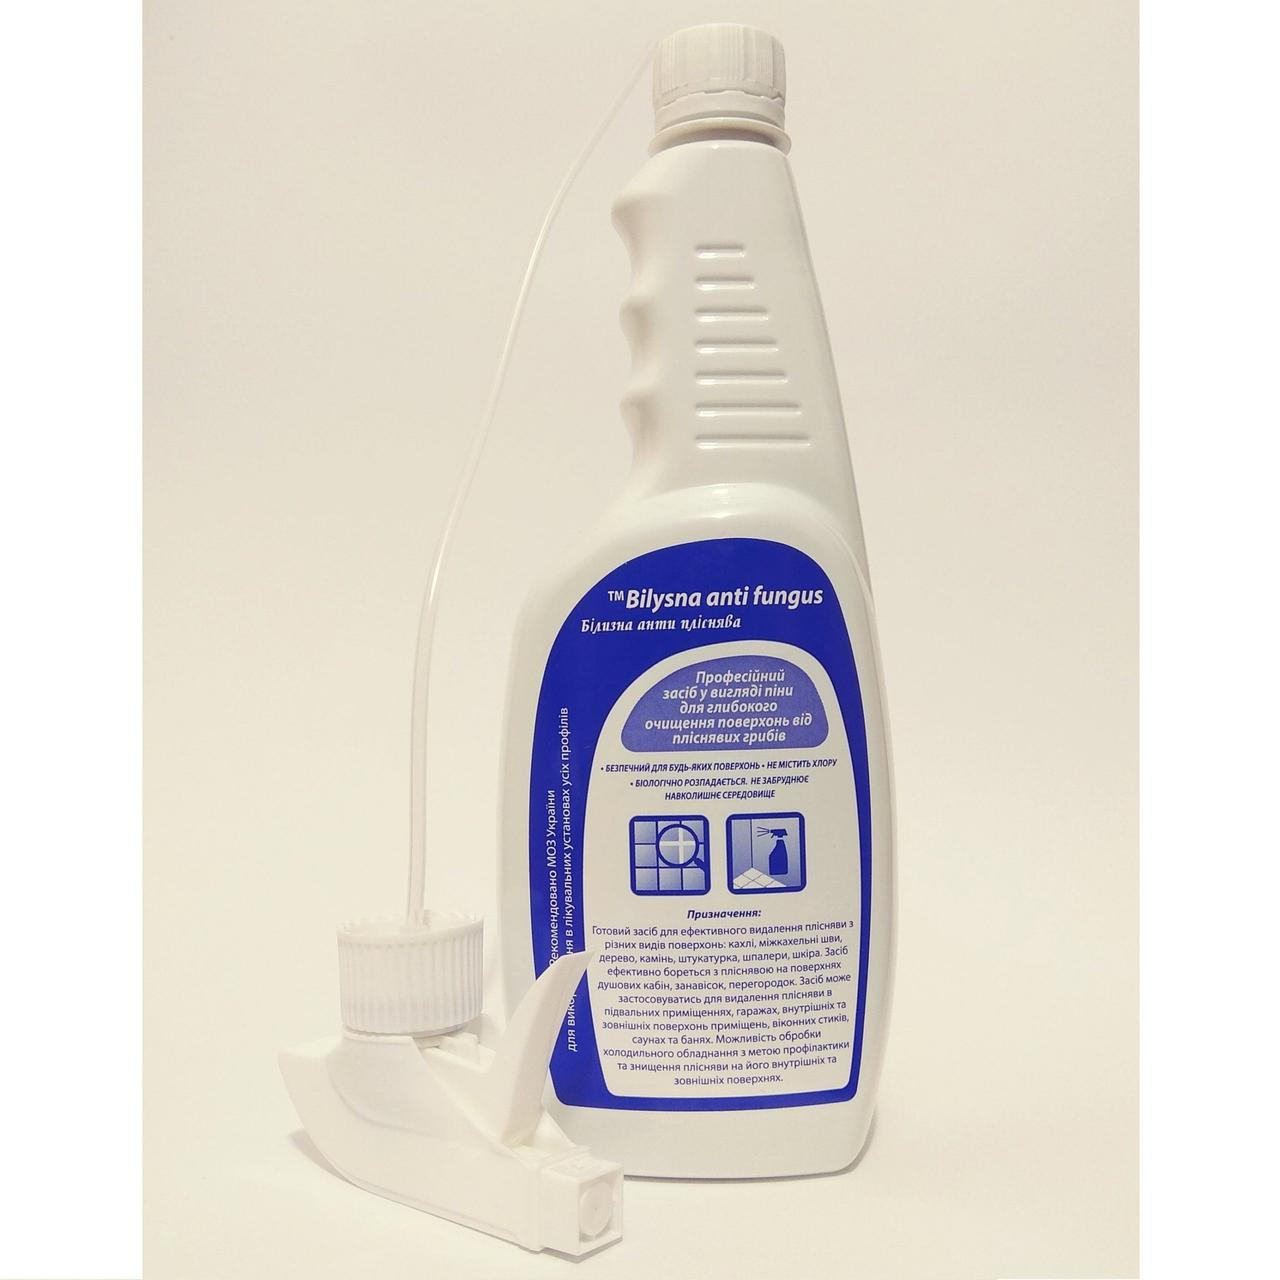 Белизна анти плесень - средство для глубокого очищения поверхностей от плесневых грибов, 750 мл